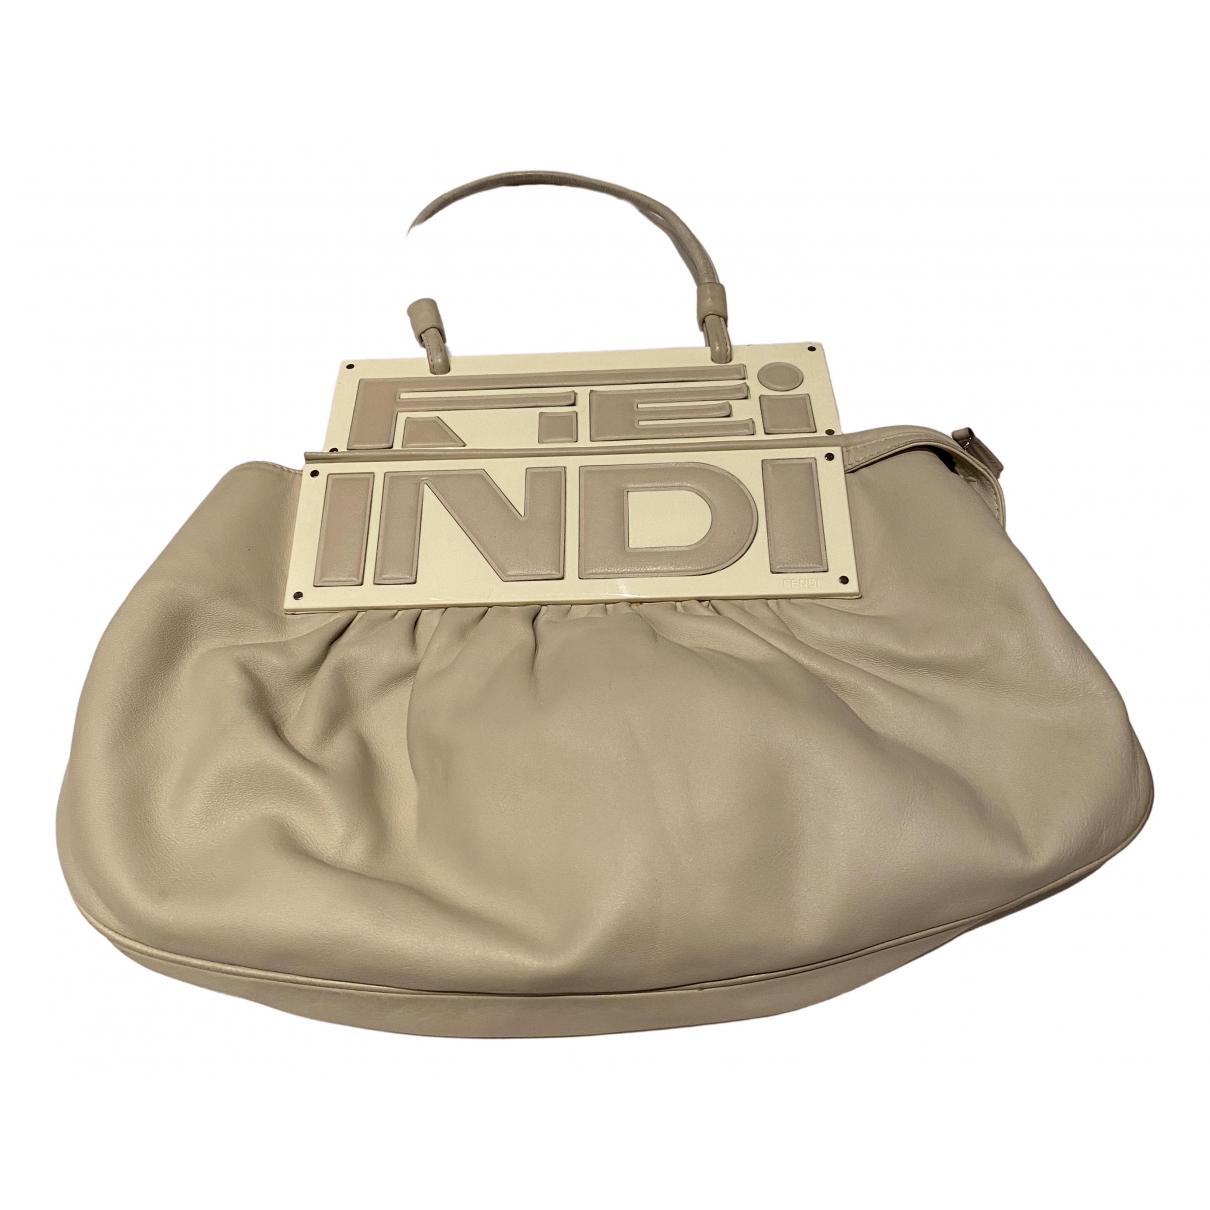 Fendi Peekaboo regular pocket White Leather handbag for Women \N